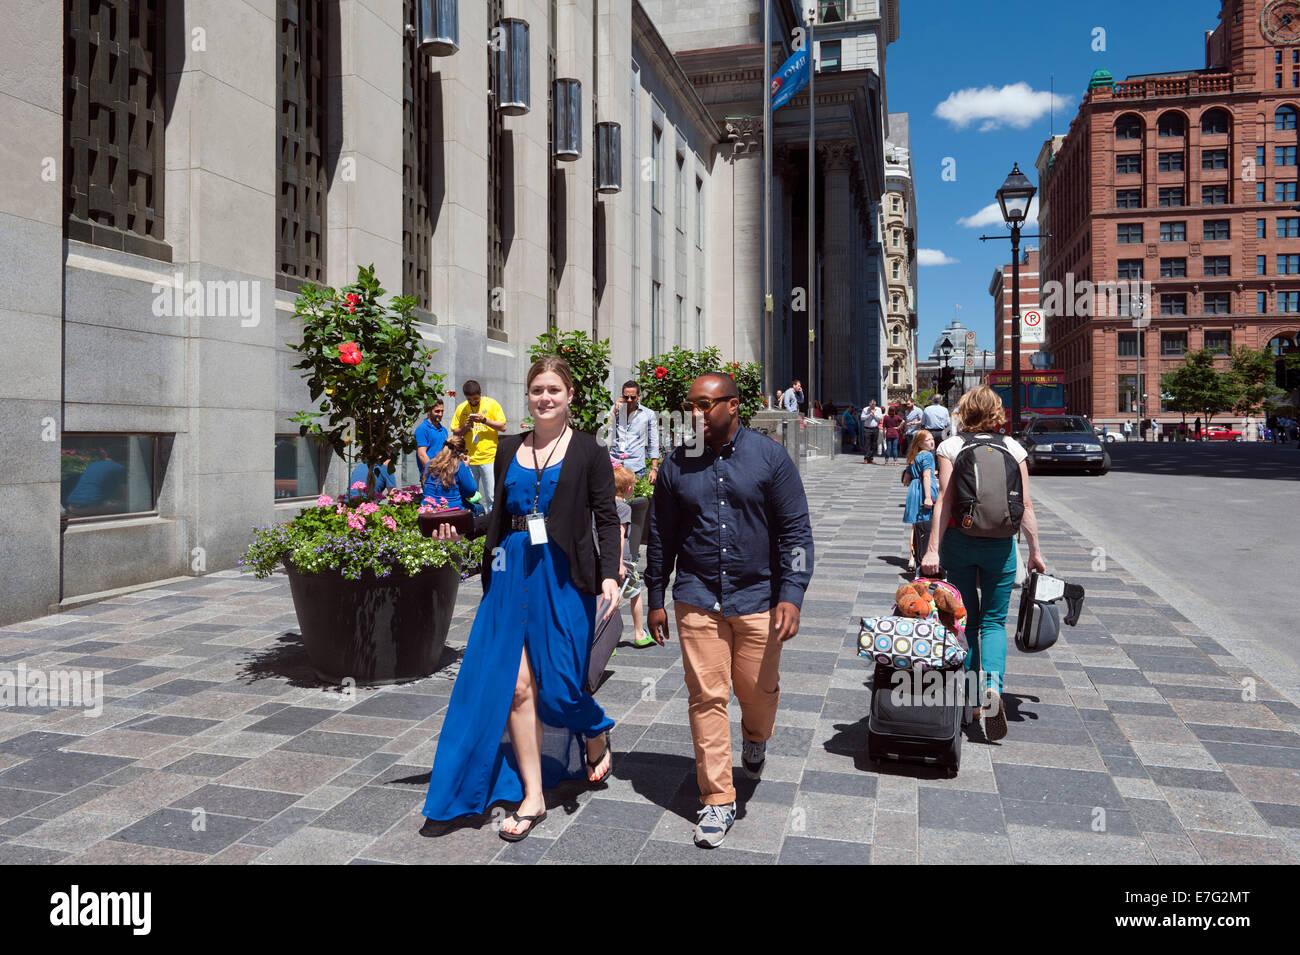 Les piétons sur la rue St Jacques, Vieux Montréal, province de Québec, Canada. Photo Stock